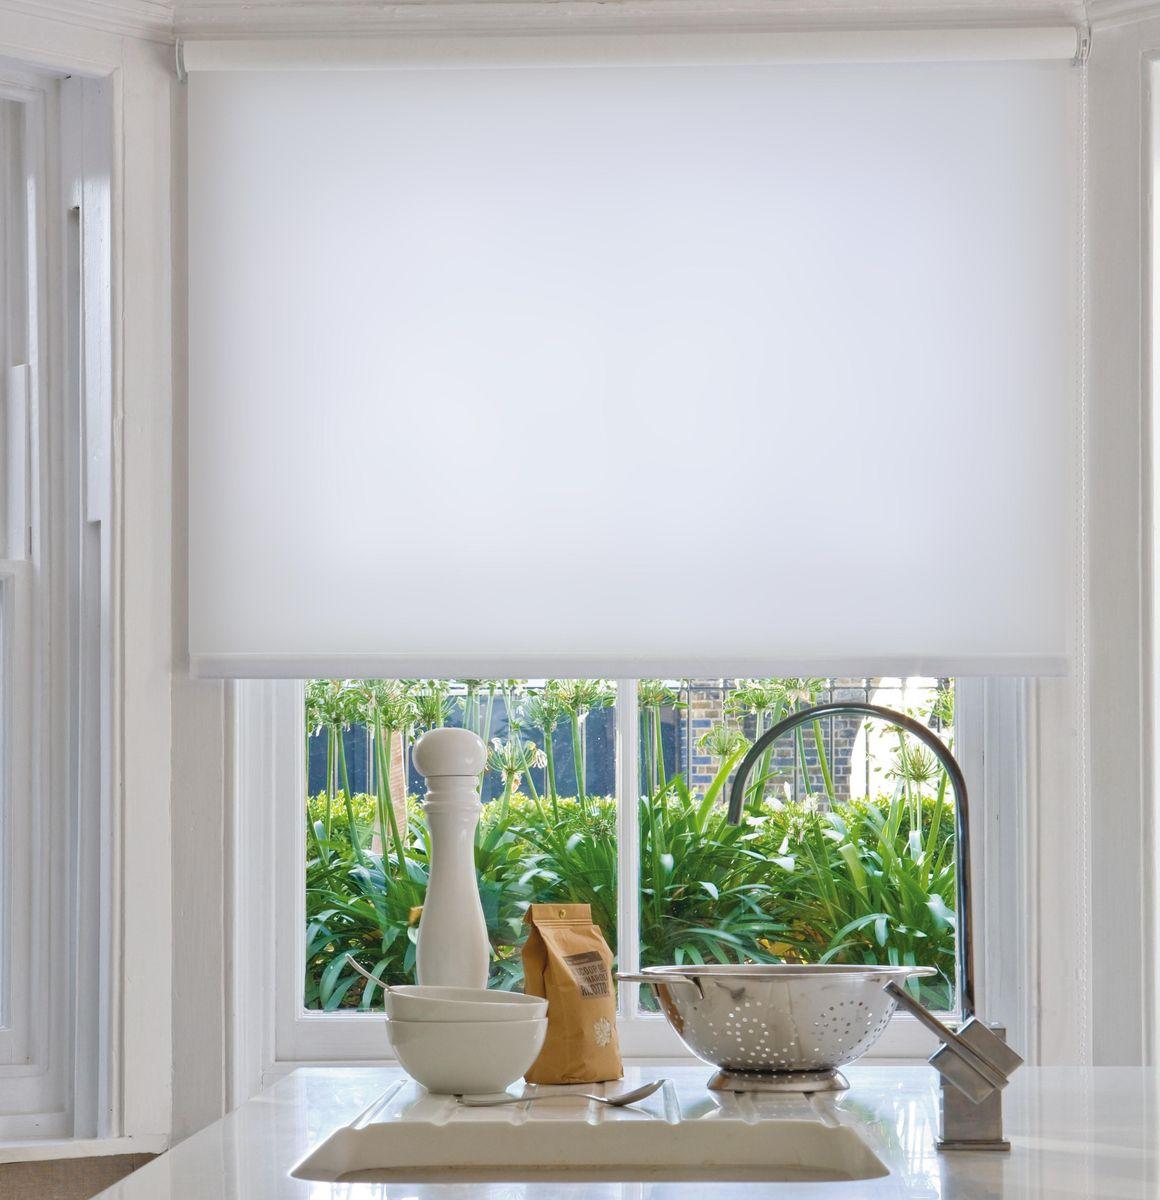 Штора рулонная Эскар Ролло. Однотонные, цвет: белый, ширина 60 см, высота 170 см8008060170Рулонными шторами можно оформлять окна как самостоятельно, так и использовать в комбинации с портьерами. Это поможет предотвратить выгорание дорогой ткани на солнце и соединит функционал рулонных с красотой навесных.Преимущества применения рулонных штор для пластиковых окон:- имеют прекрасный внешний вид: многообразие и фактурность материала изделия отлично смотрятся в любом интерьере; - многофункциональны: есть возможность подобрать шторы способные эффективно защитить комнату от солнца, при этом о на не будет слишком темной. - Есть возможность осуществить быстрый монтаж. ВНИМАНИЕ! Размеры ширины изделия указаны по ширине ткани!Во время эксплуатации не рекомендуется полностью разматывать рулон, чтобы не оторвать ткань от намоточного вала.В случае загрязнения поверхности ткани, чистку шторы проводят одним из способов, в зависимости от типа загрязнения: легкое поверхностное загрязнение можно удалить при помощи канцелярского ластика; чистка от пыли производится сухим методом при помощи пылесоса с мягкой щеткой-насадкой; для удаления пятна используйте мягкую губку с пенообразующим неагрессивным моющим средством или пятновыводитель на натуральной основе (нельзя применять растворители).